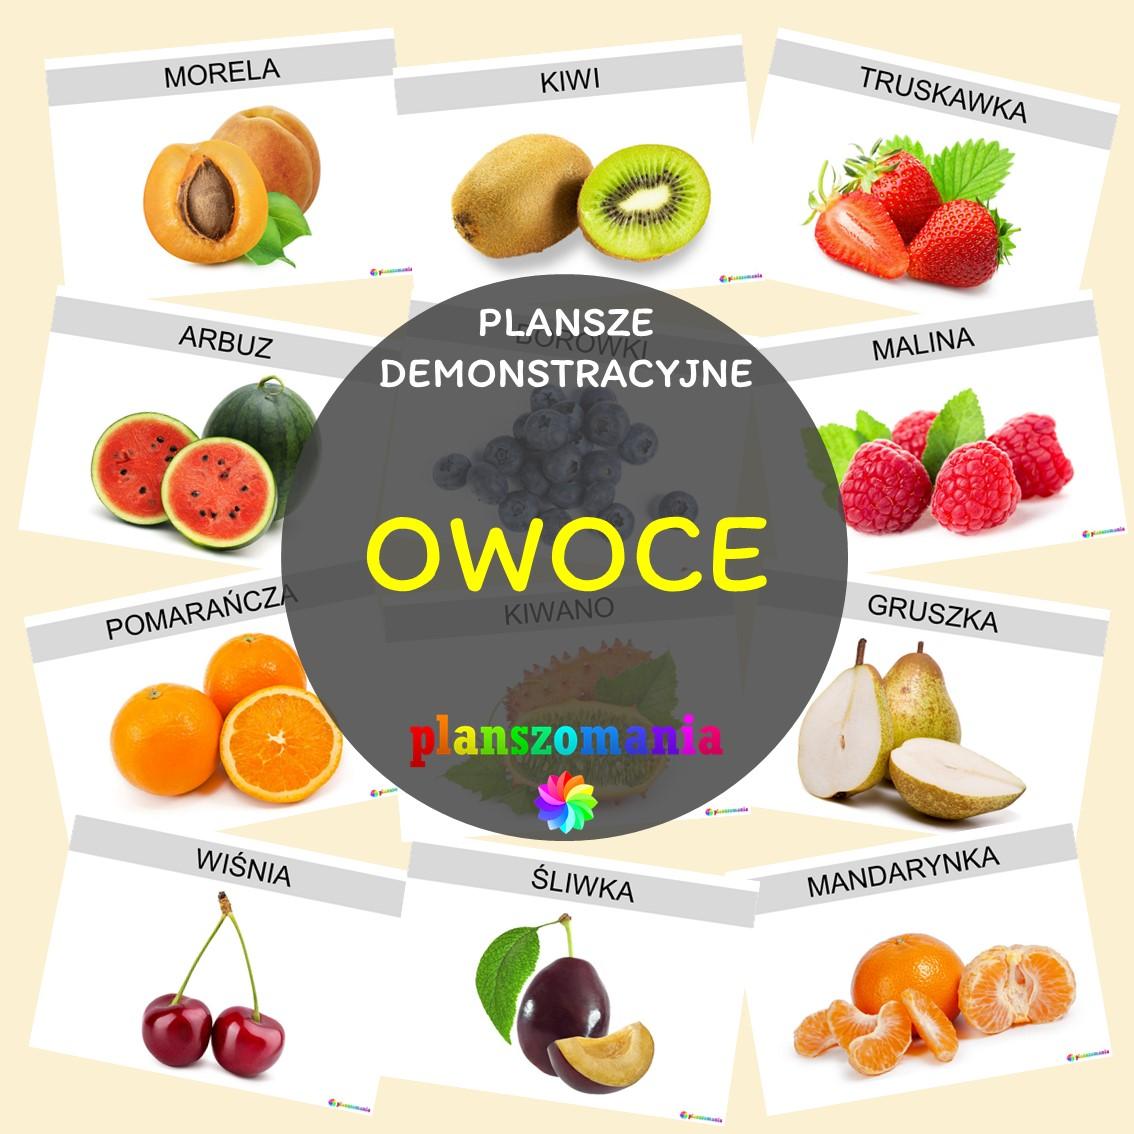 OWOCE plansze demonstracyjne planszomania do pobrania pdf dla dzieci wczesnoszkolni za darmo pomoce dydaktyczne edukacyjne